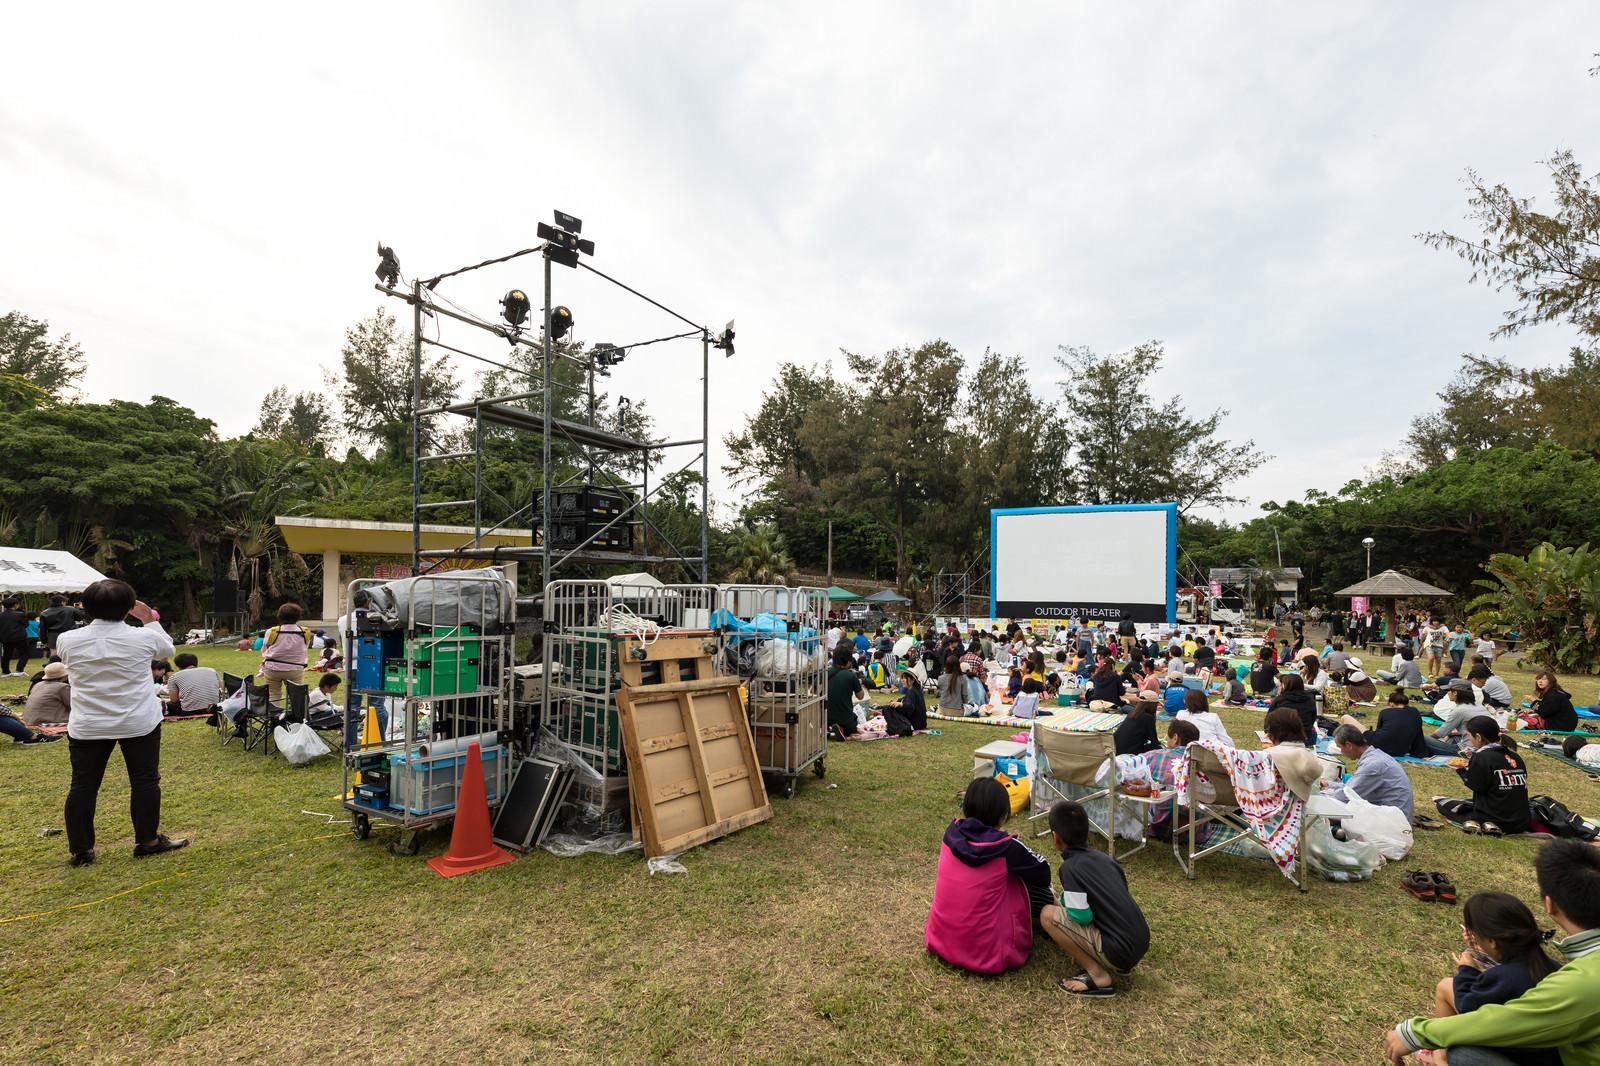 「徳之島で開催された野外シネマのイベント」の写真